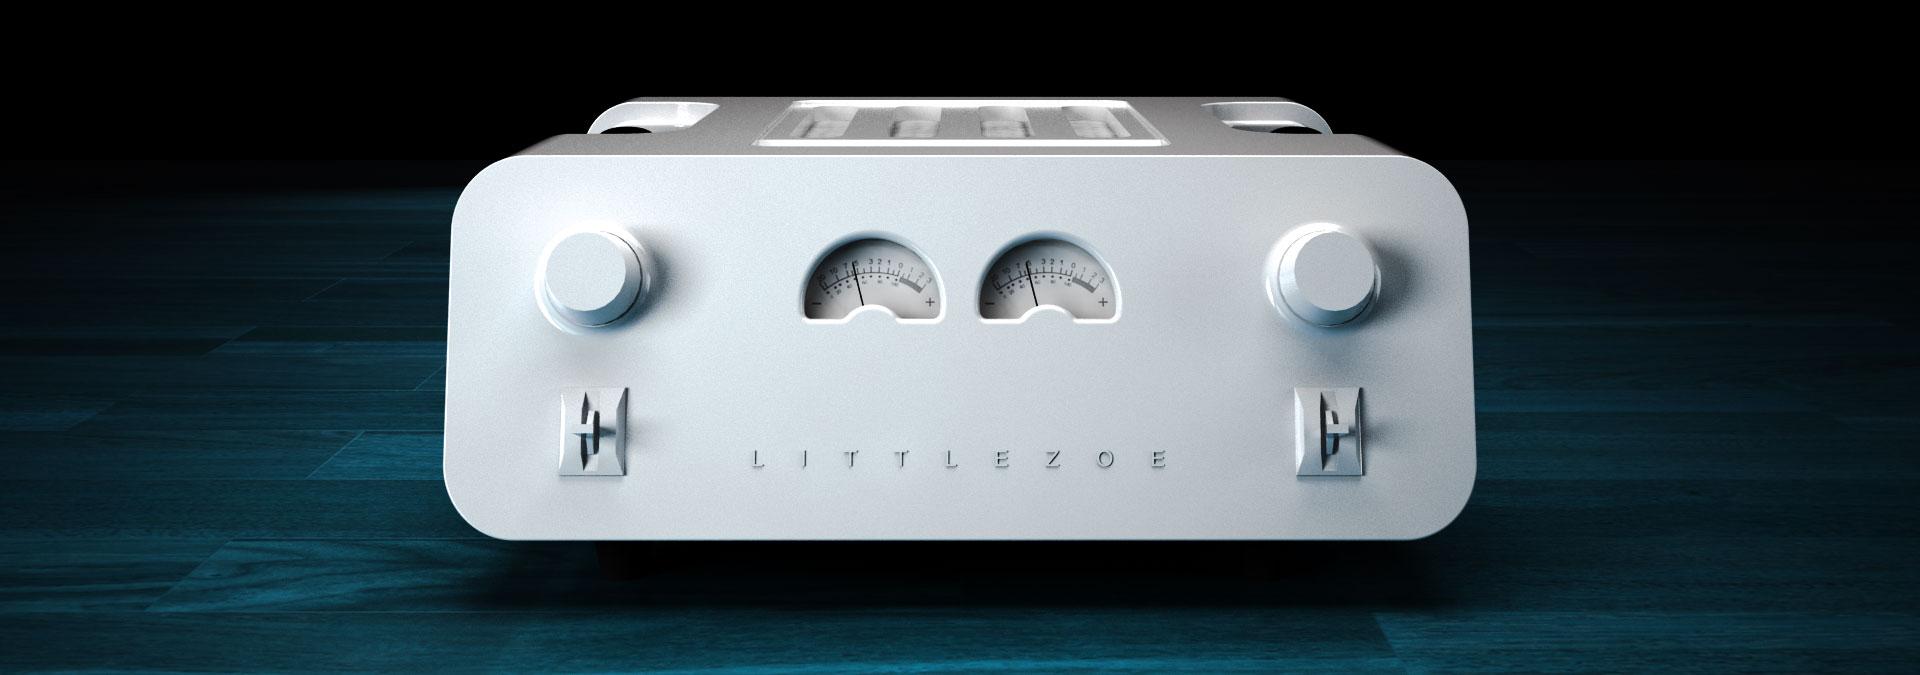 Innovative Amplifier LittleZoe launches at HIGH END Munich 2018